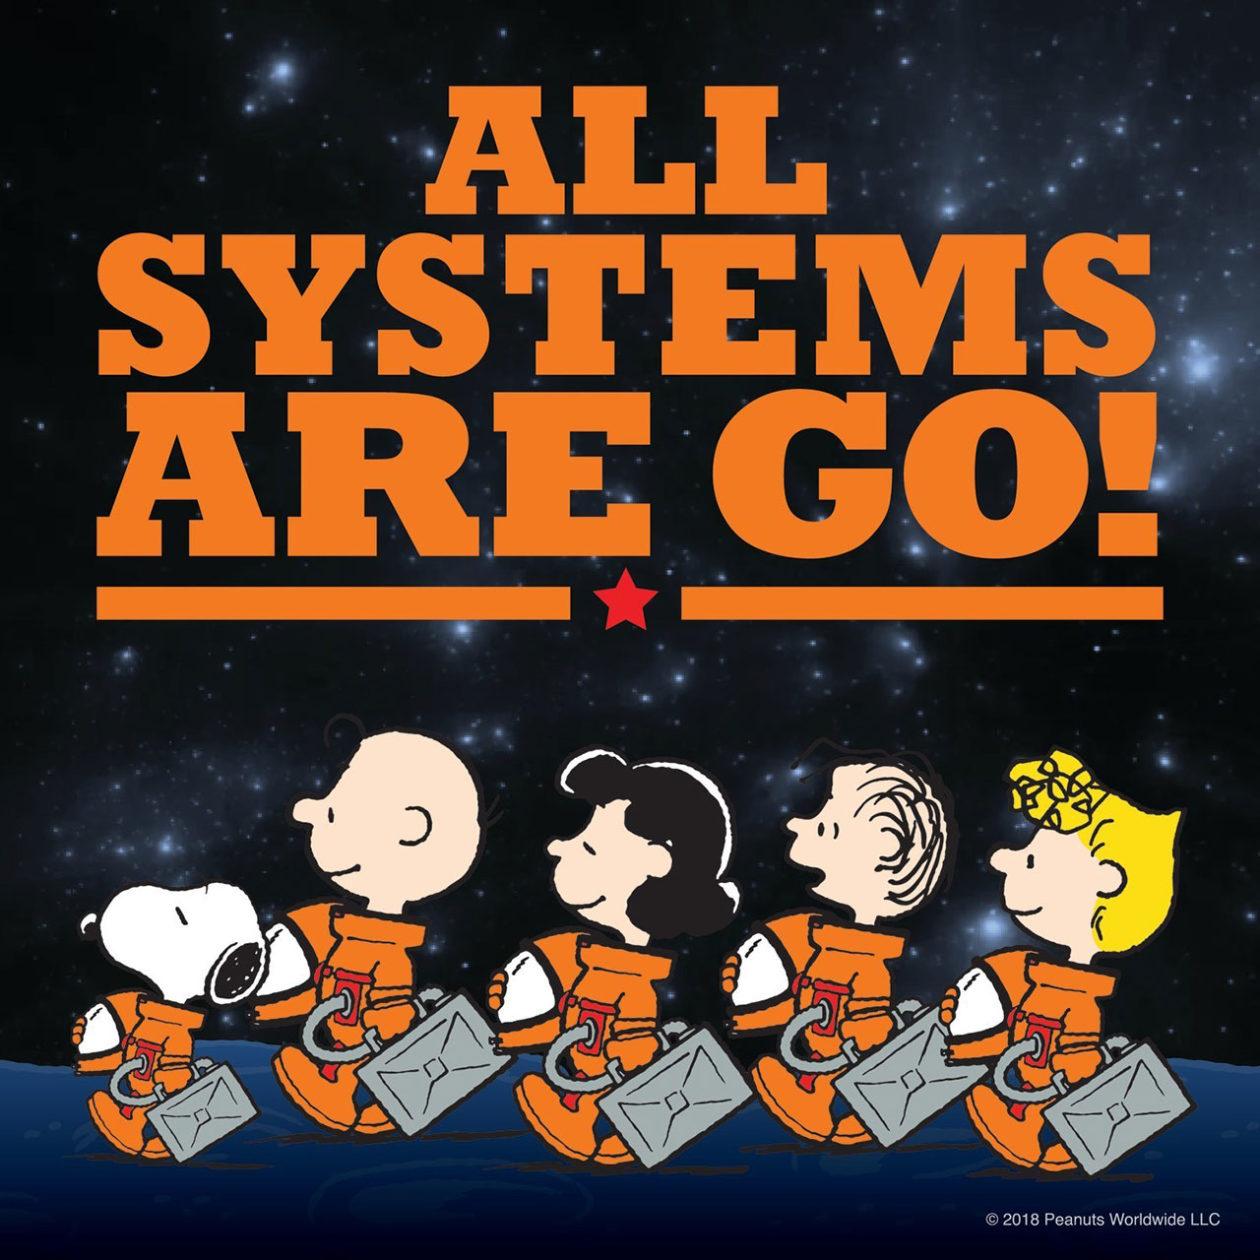 50 Years After Apollo The Peanuts Gang Gives Nasa A New